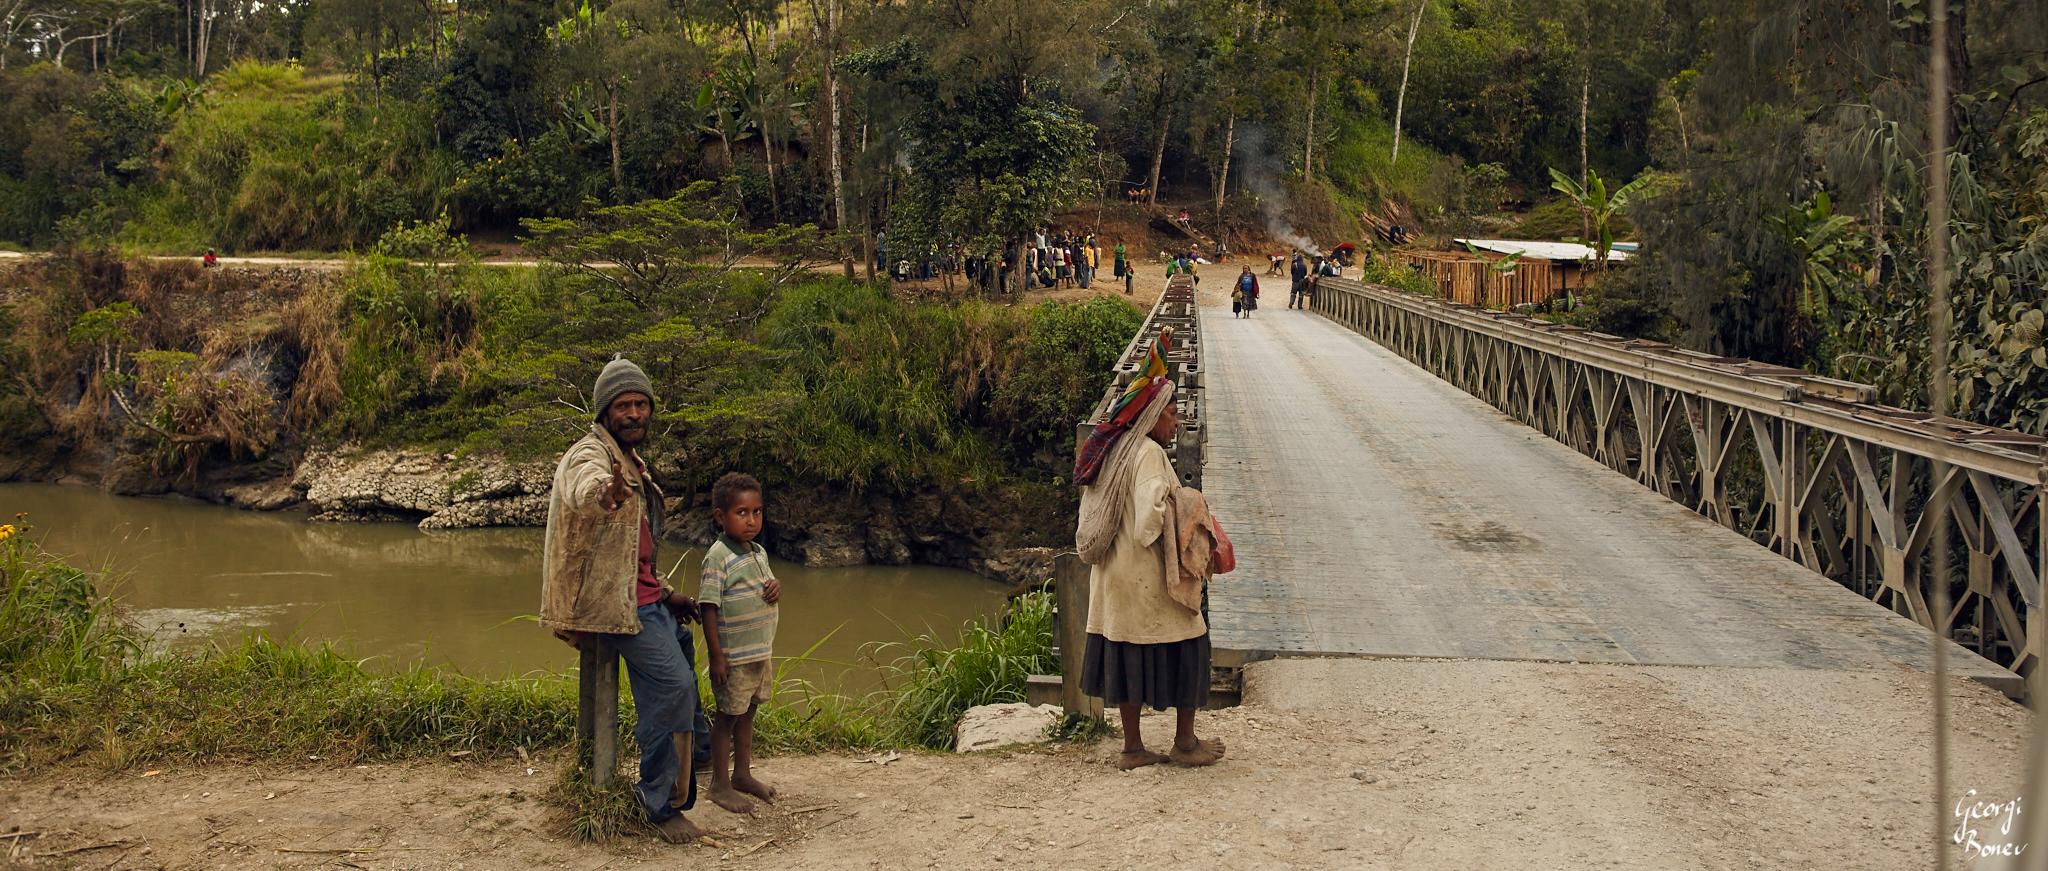 Crossing Kikori river, PNG